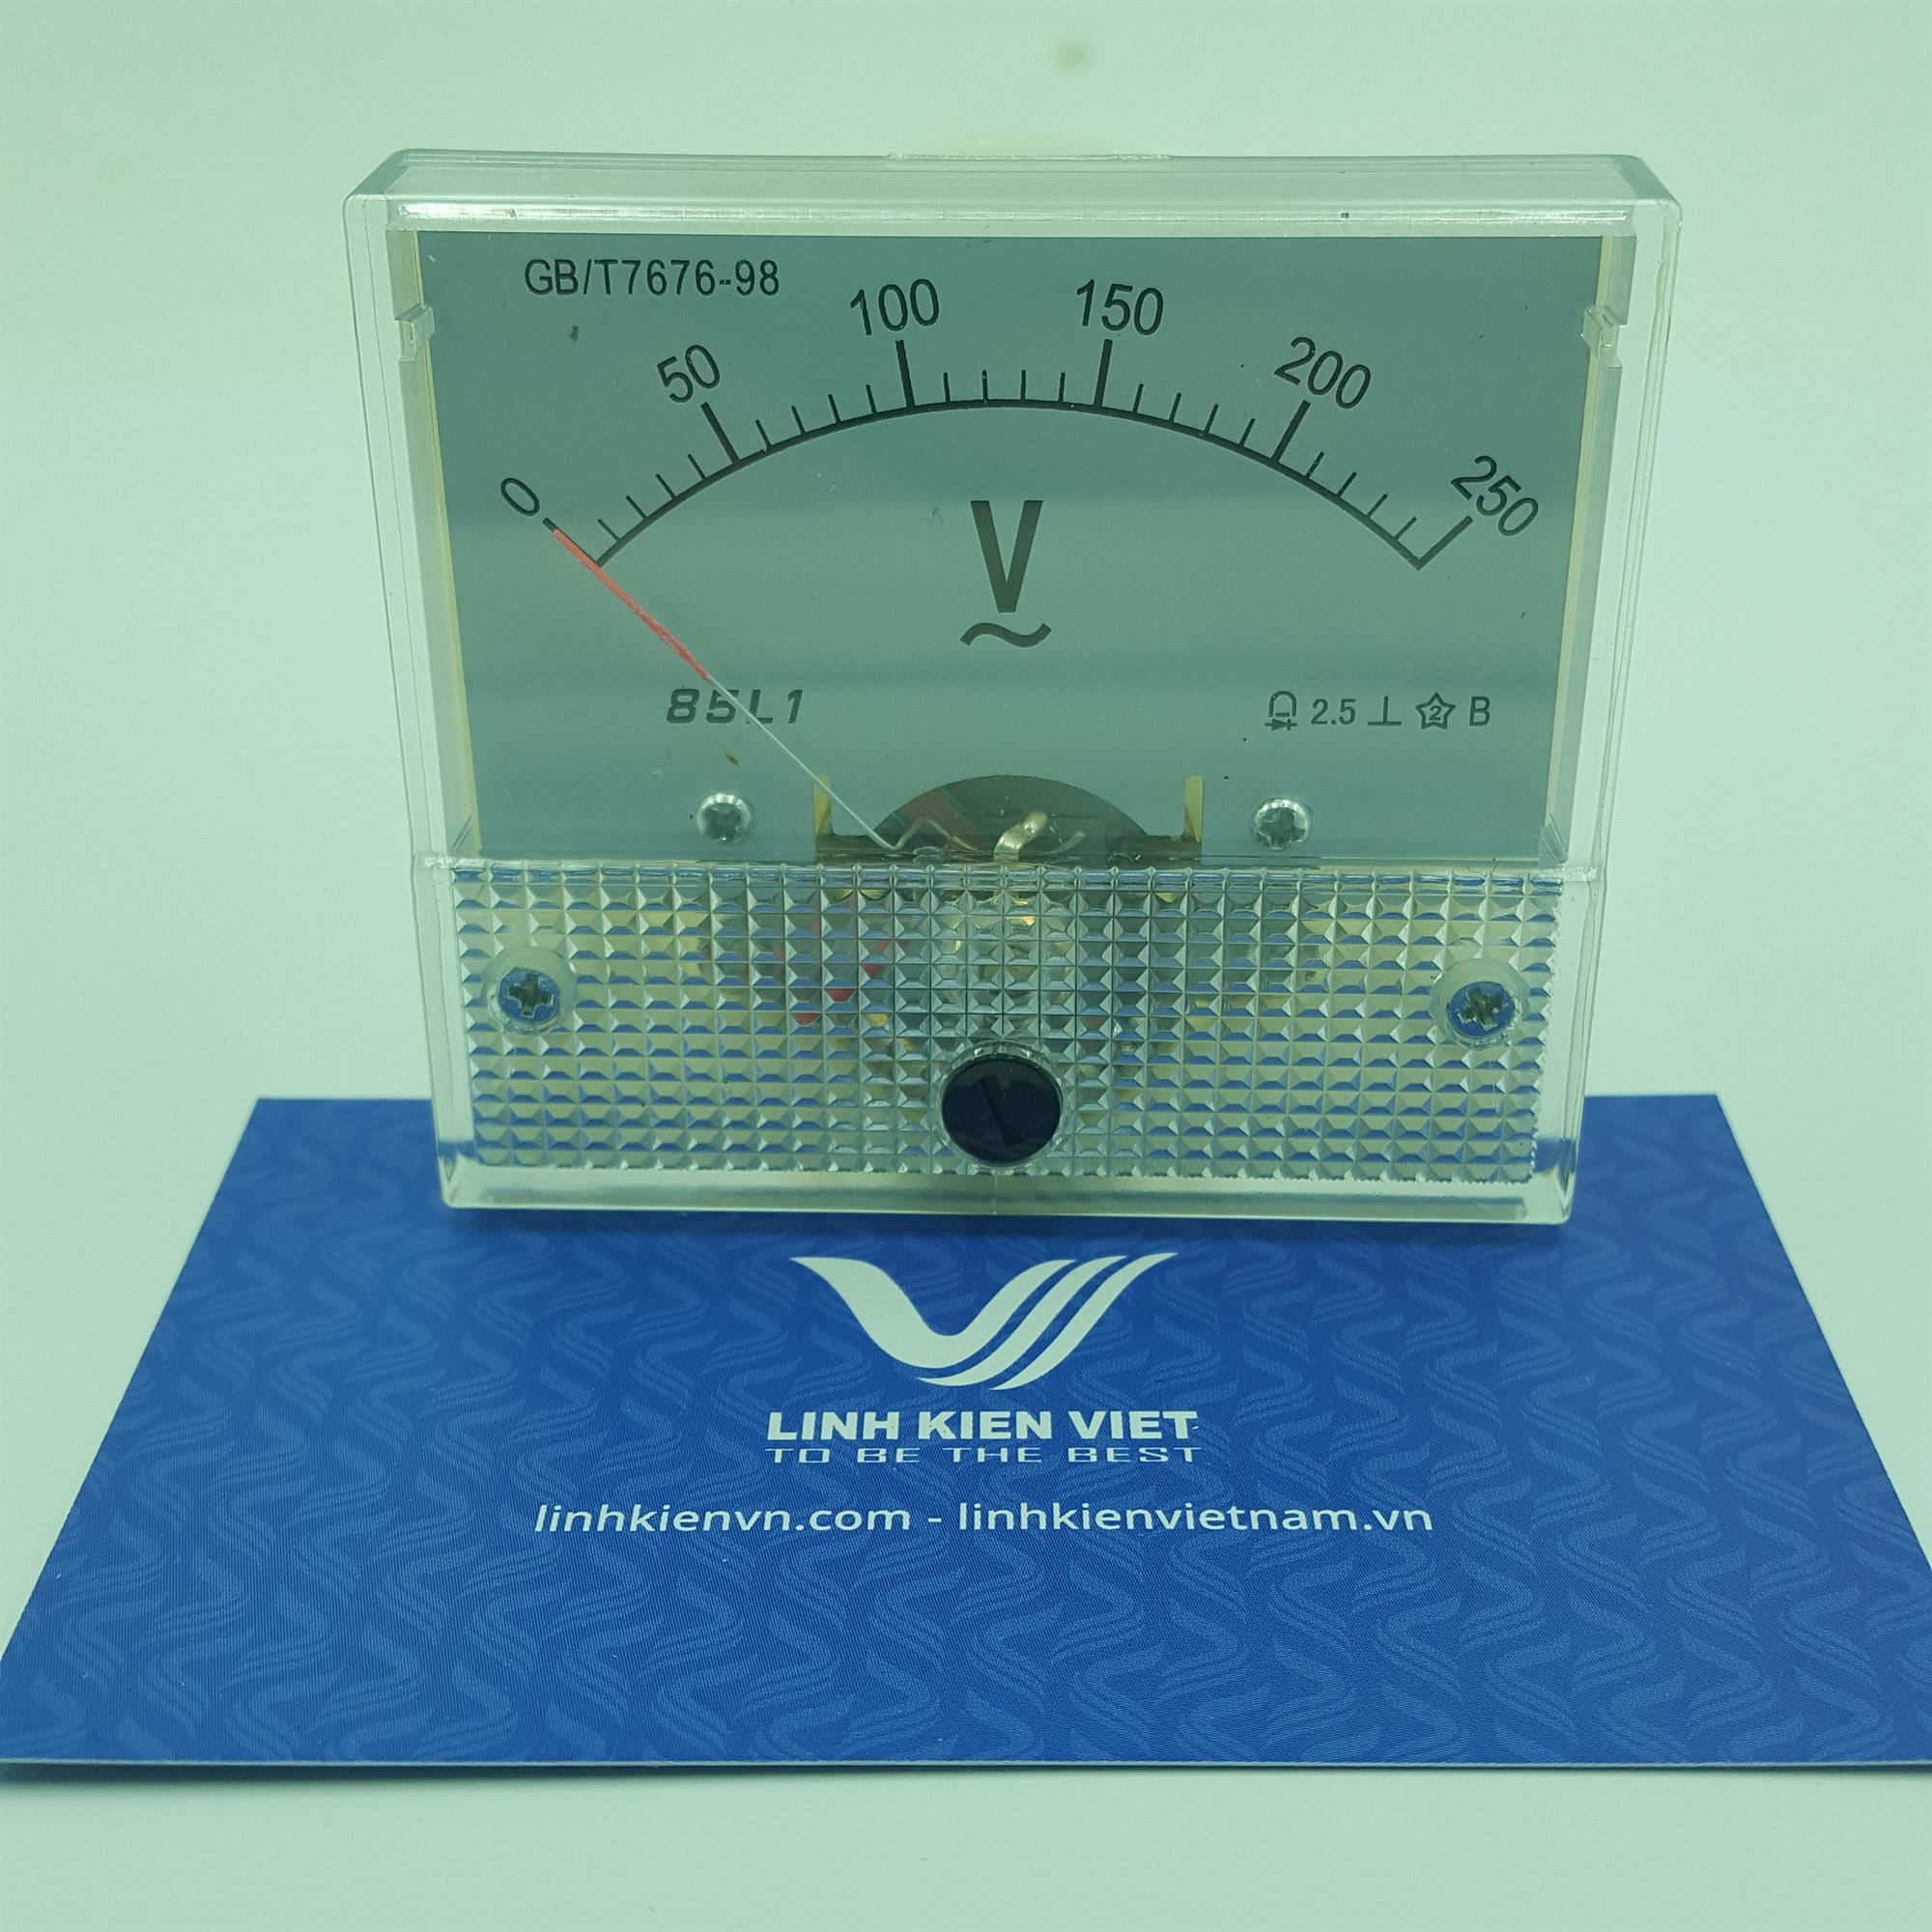 Đồng hồ đo điện áp xoay chiều 85L1 250V / Vôn kế 250V AC - J5H12